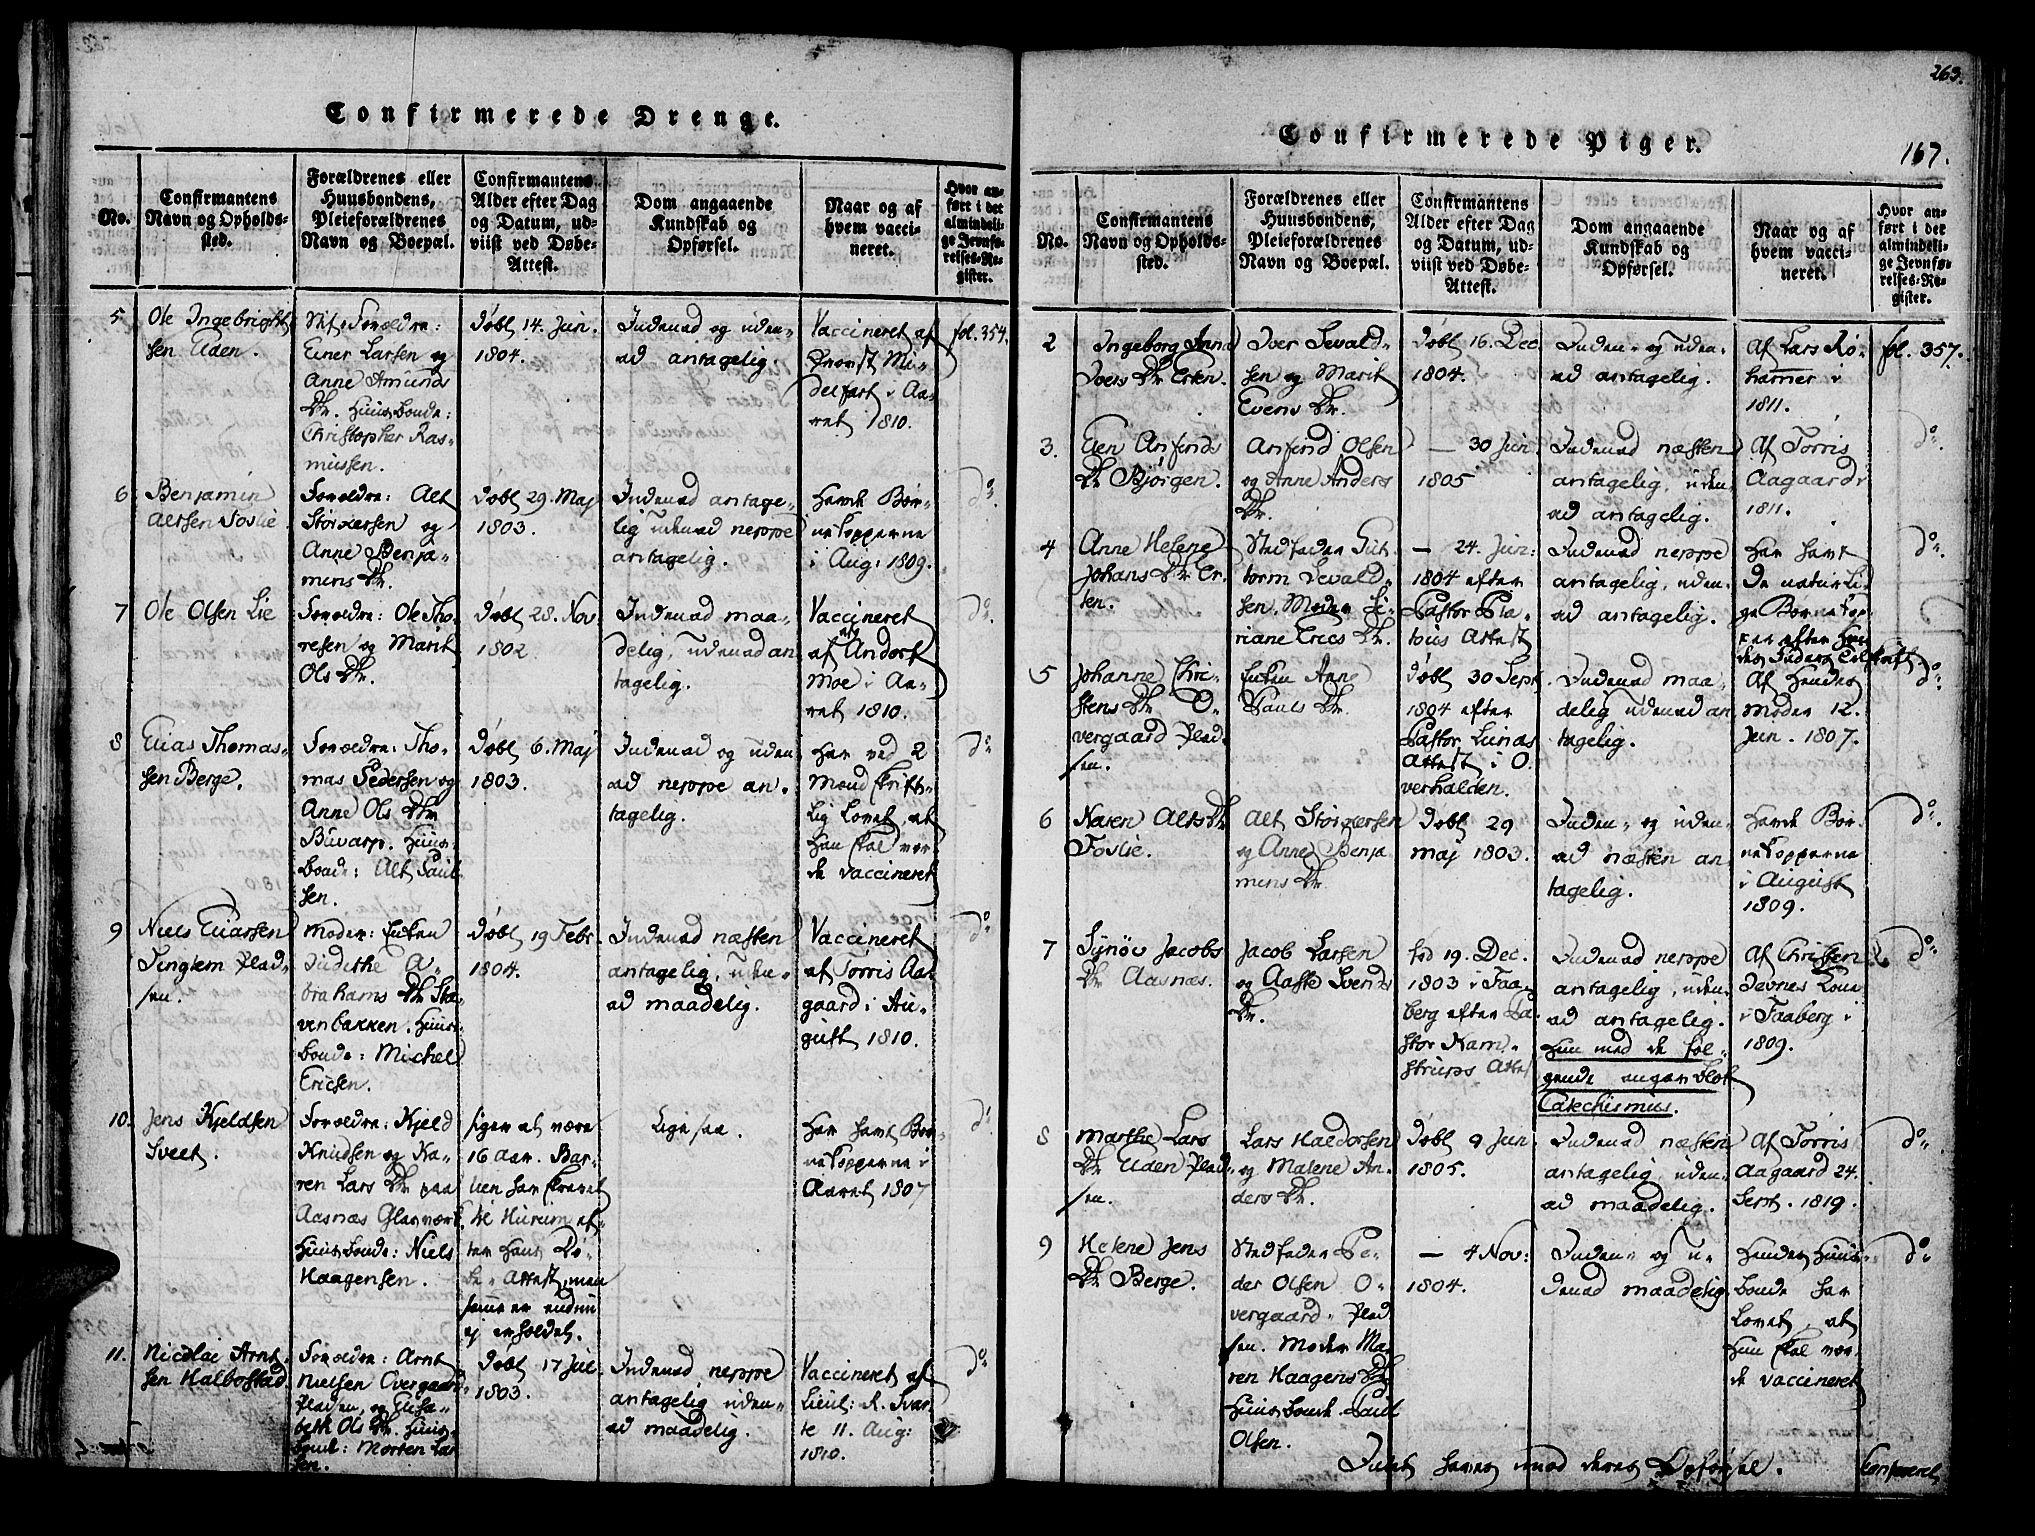 SAT, Ministerialprotokoller, klokkerbøker og fødselsregistre - Nord-Trøndelag, 741/L0387: Ministerialbok nr. 741A03 /3, 1817-1822, s. 167